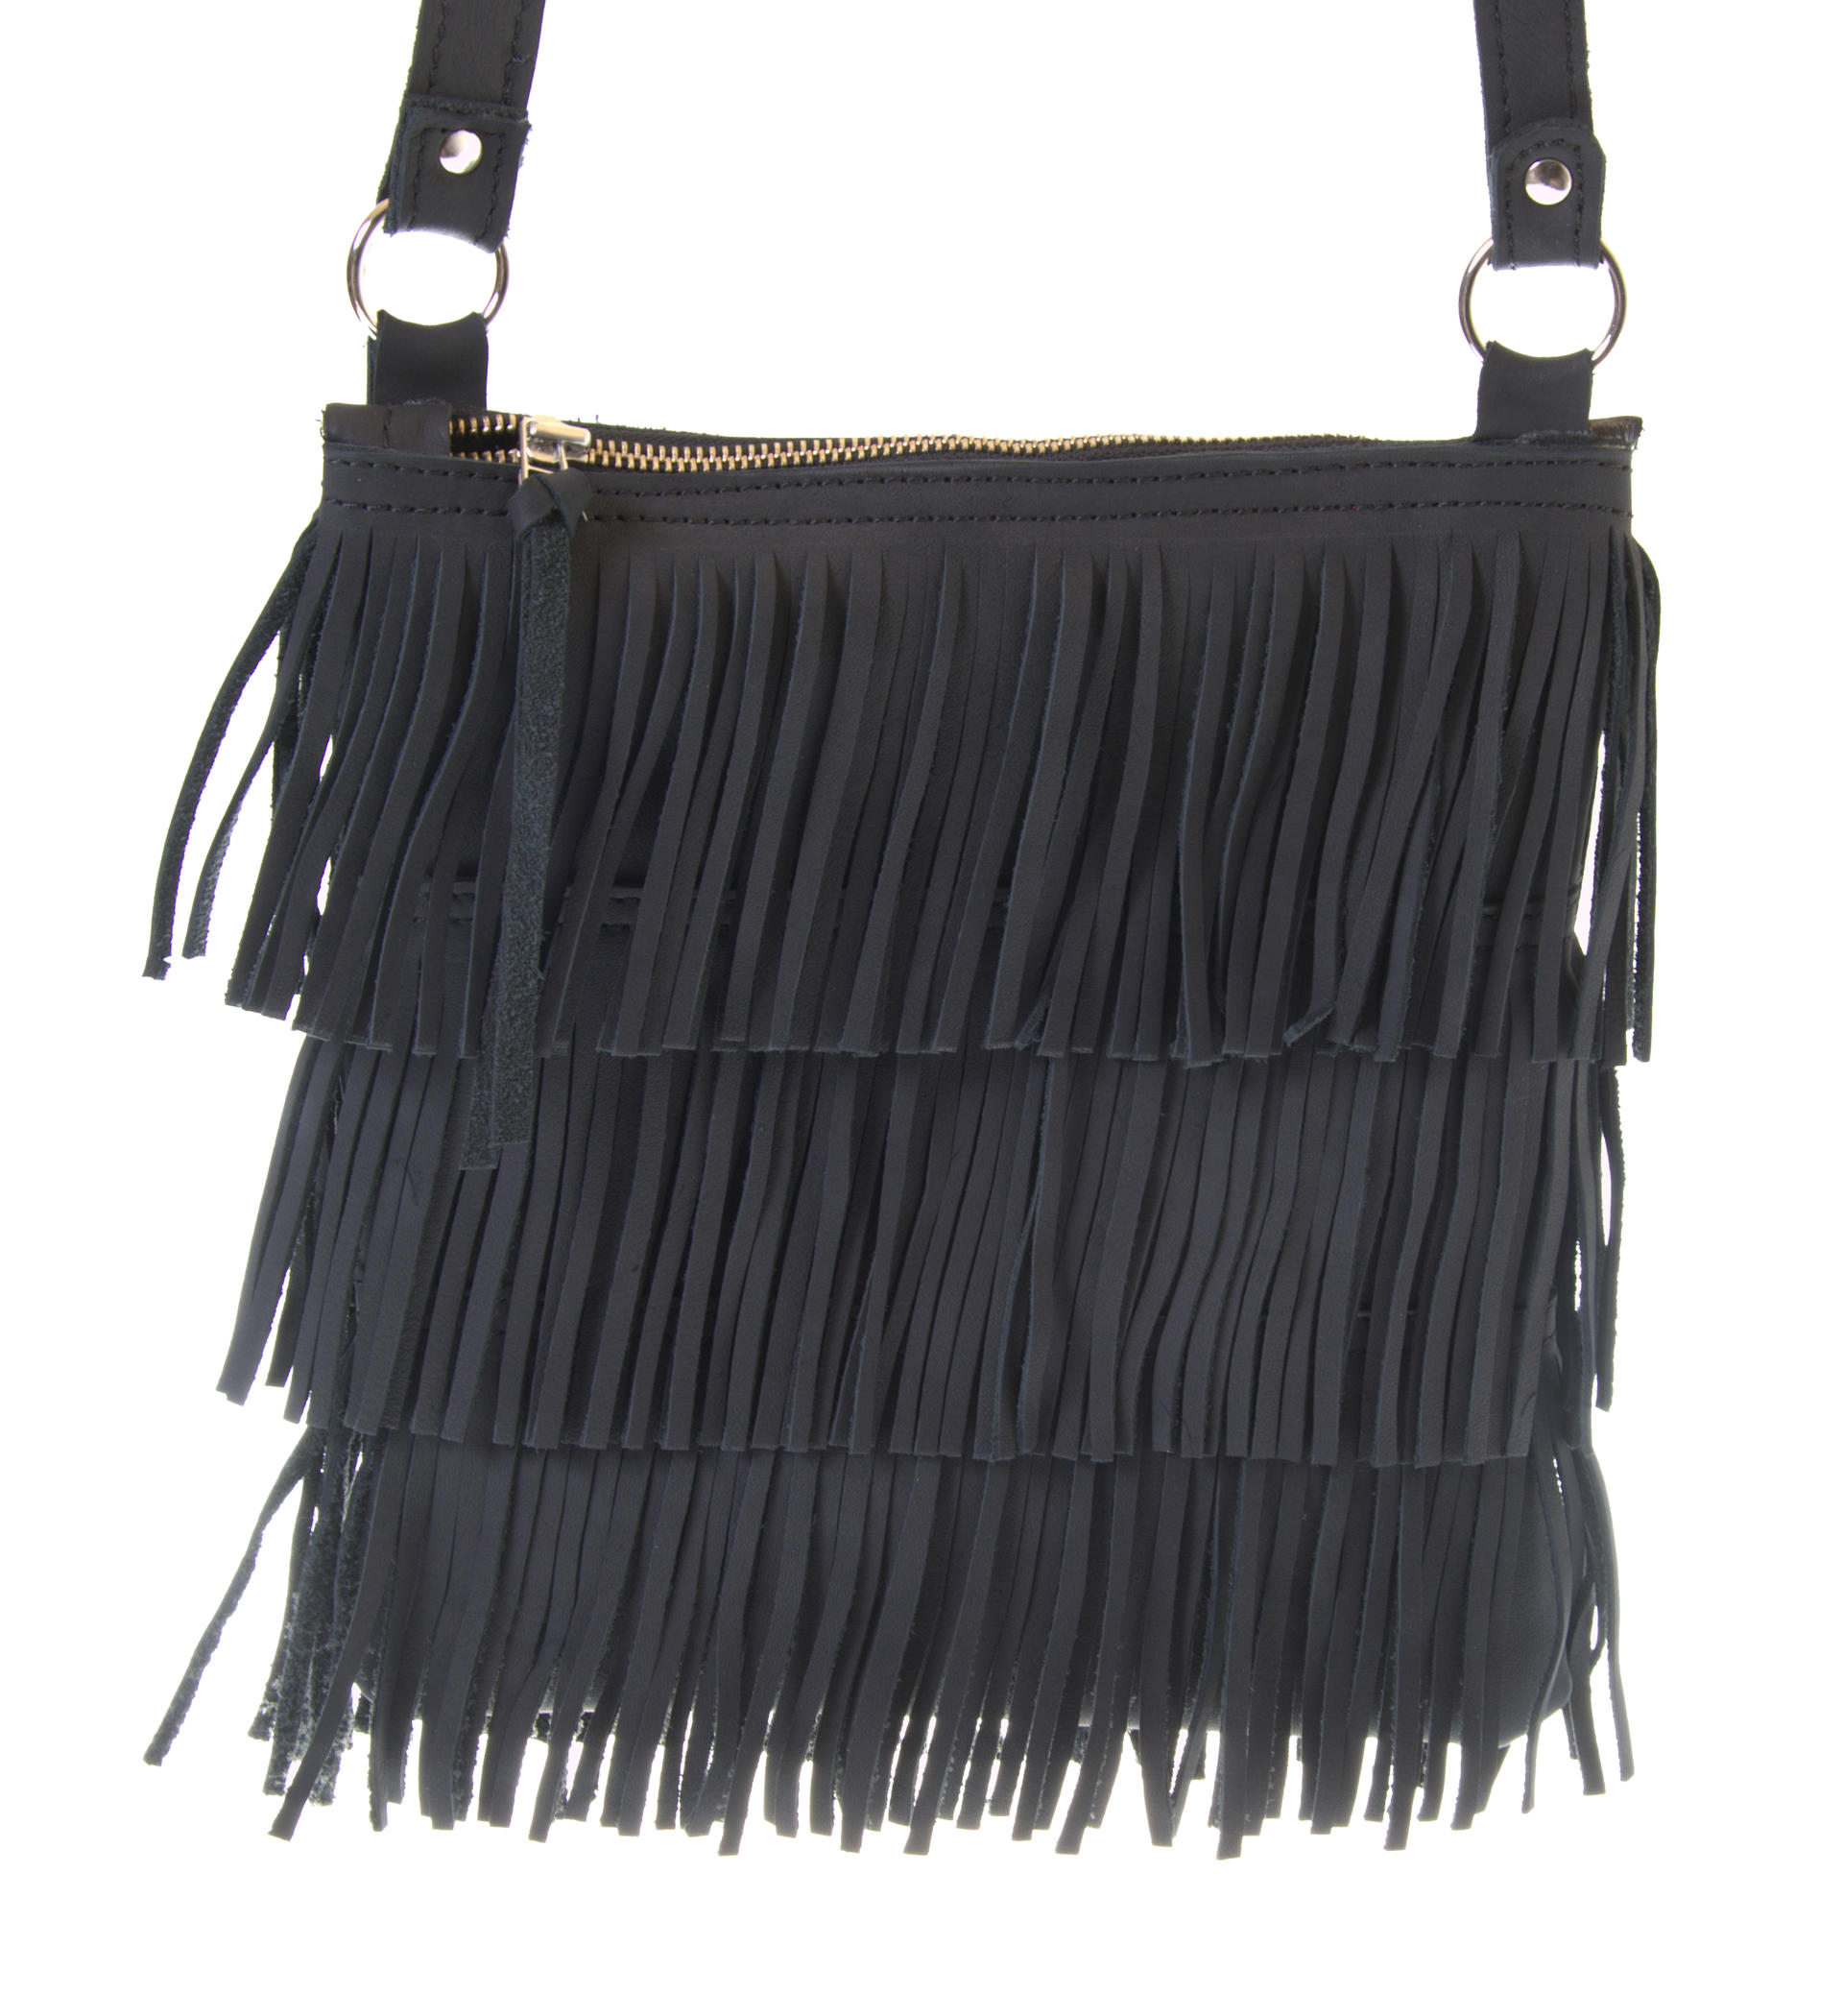 Fringe - Small shoulder bag - Black Colour - Jackal and Hide